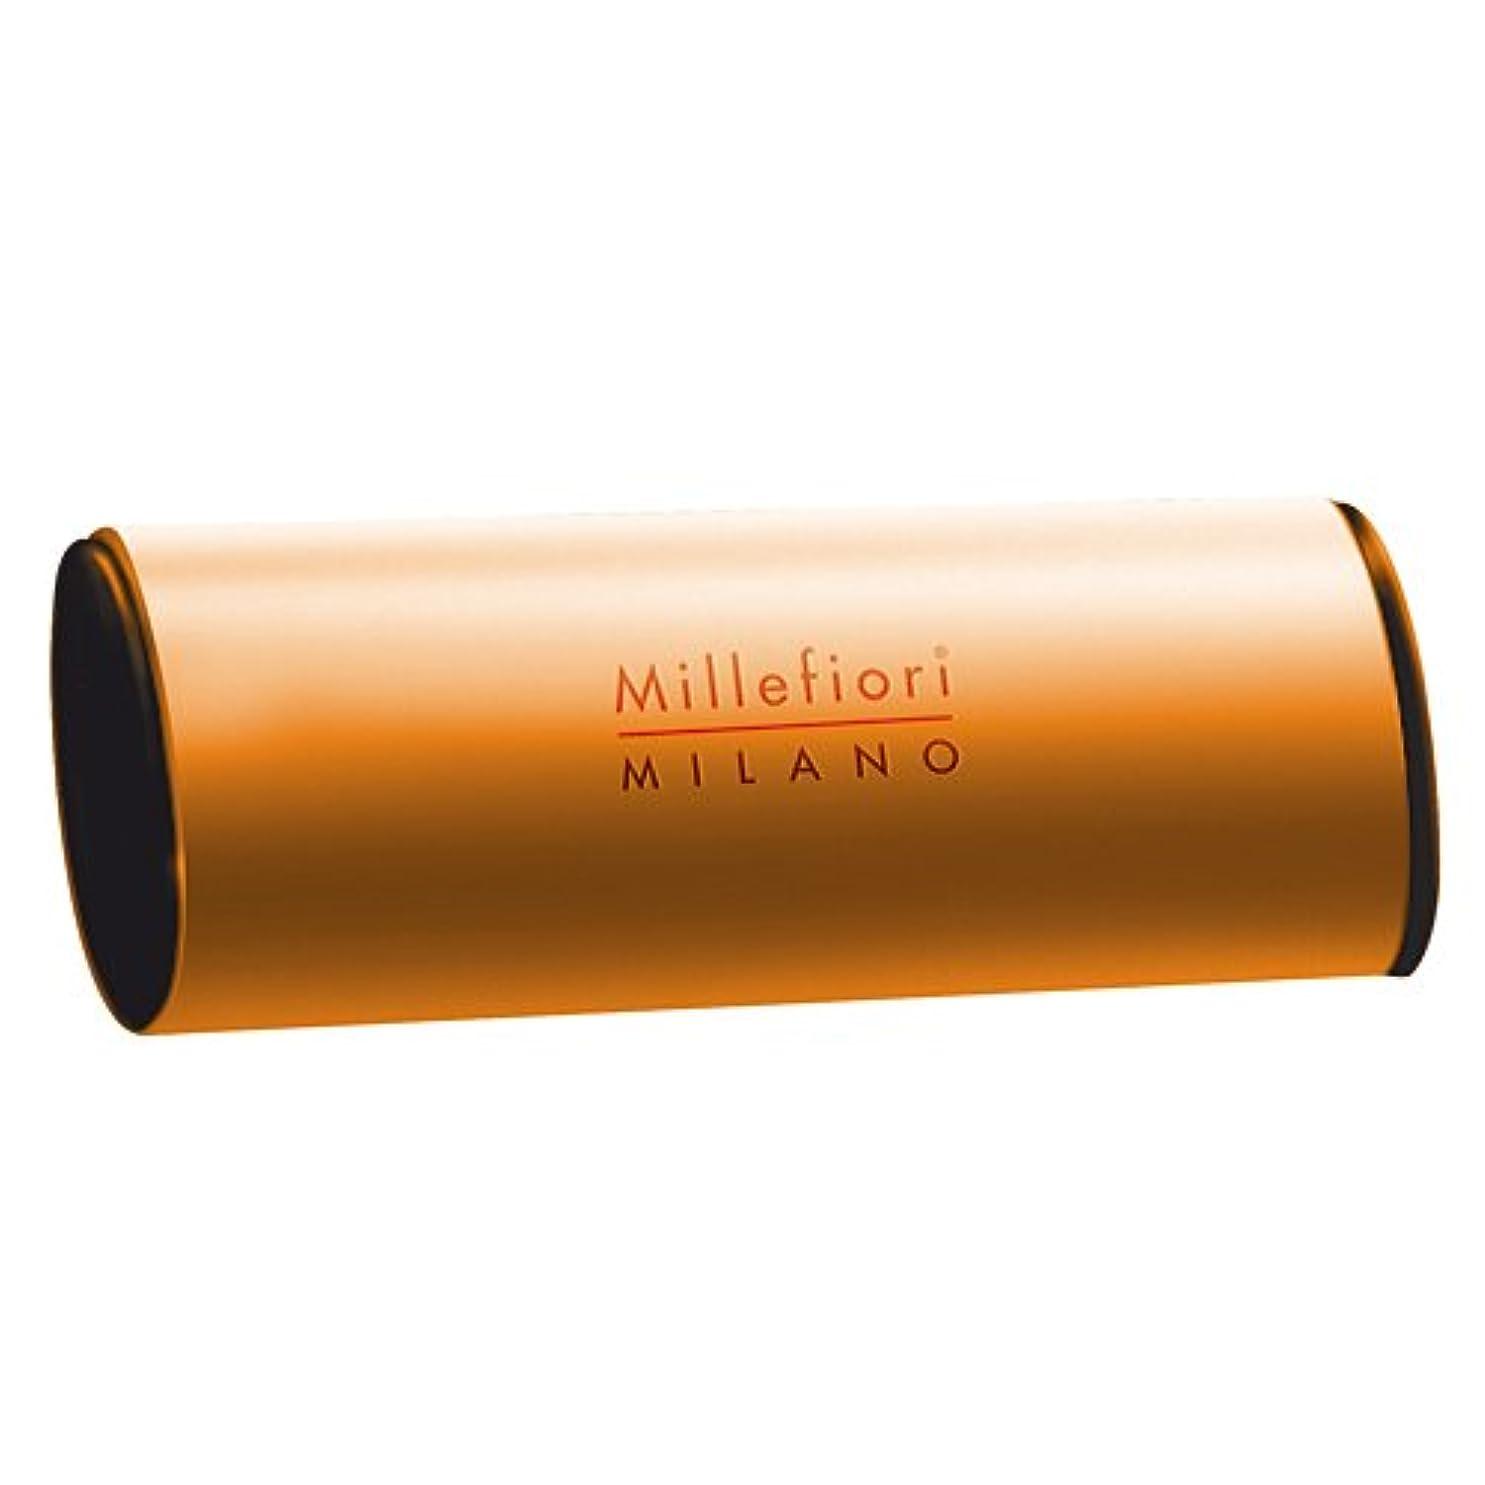 本体パシフィックうめきMillefiori カーエアーフレッシュナー オレンジ オレンジティー CDIF-A-003